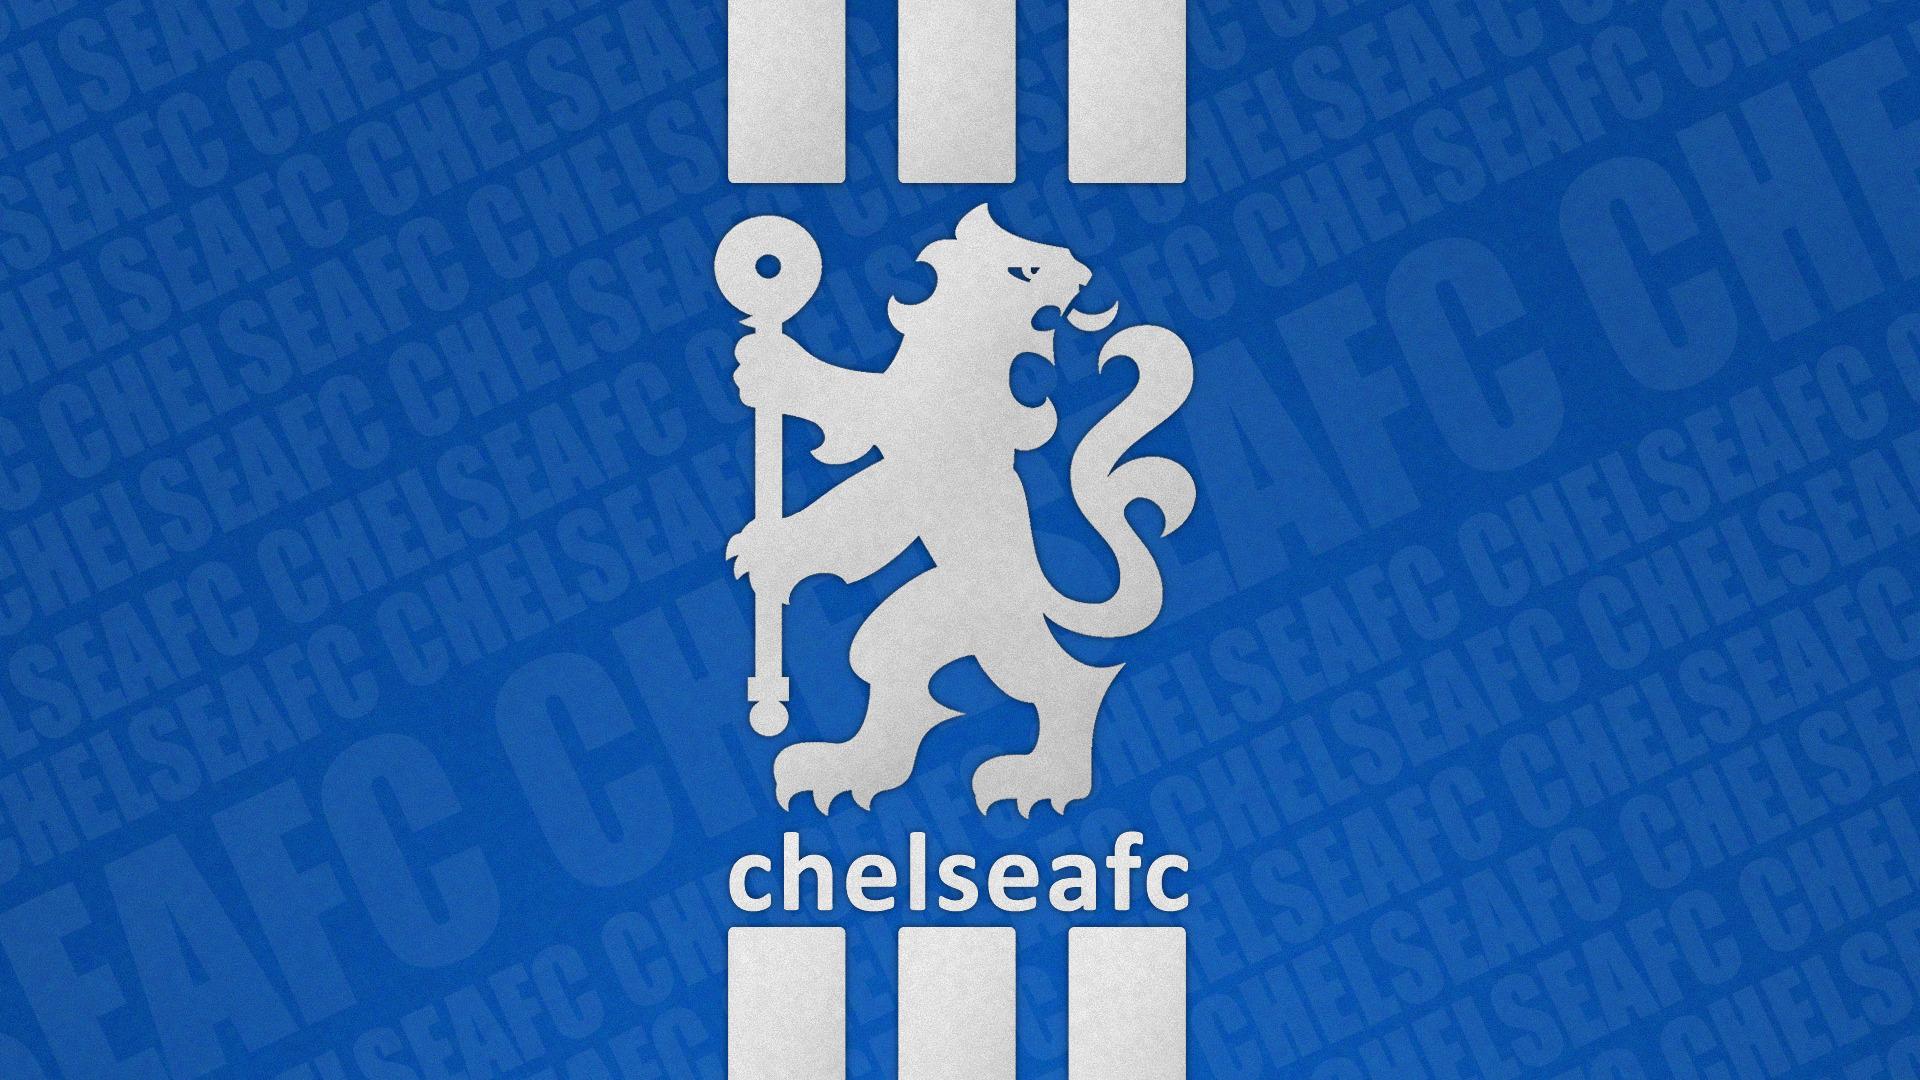 Chelsea FC Wallpaper 5   1920 X 1080 stmednet 1920x1080